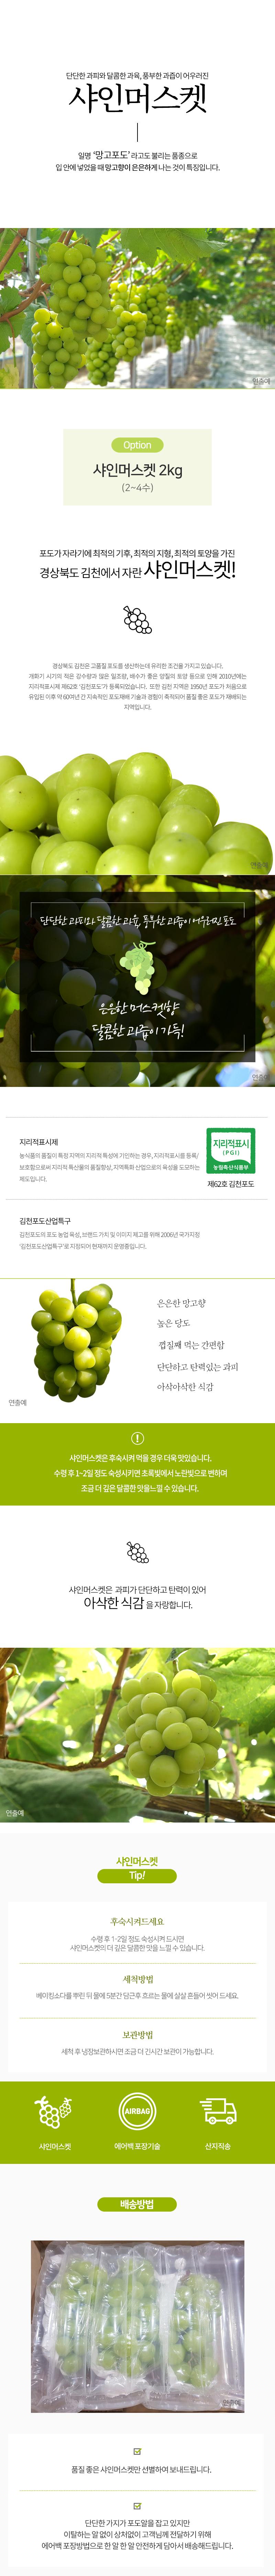 샤인머스켓 웹기술서롯데20200901